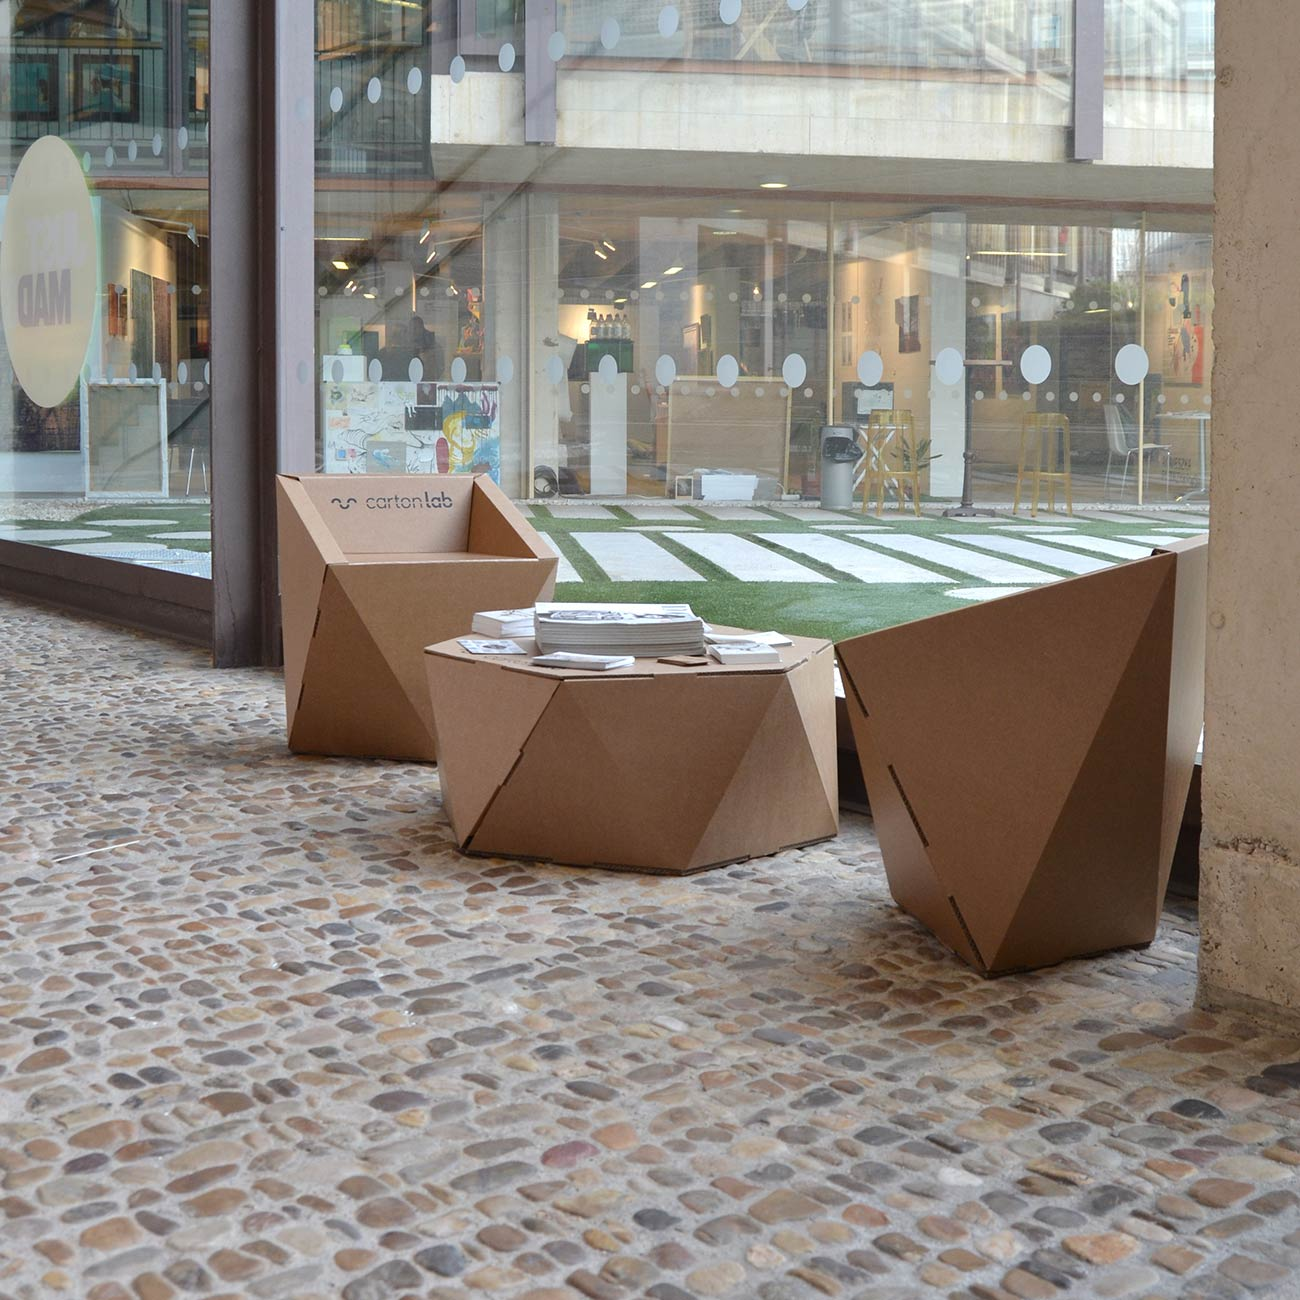 just mad justmad arte emergente feria madrid zona descanso silla carton mesa